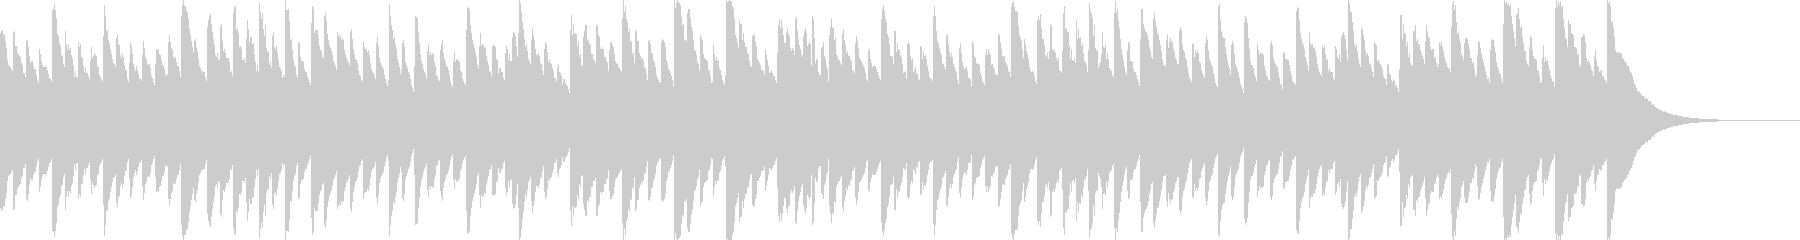 ベートーベン「悲愴」のオルゴールの未再生の波形